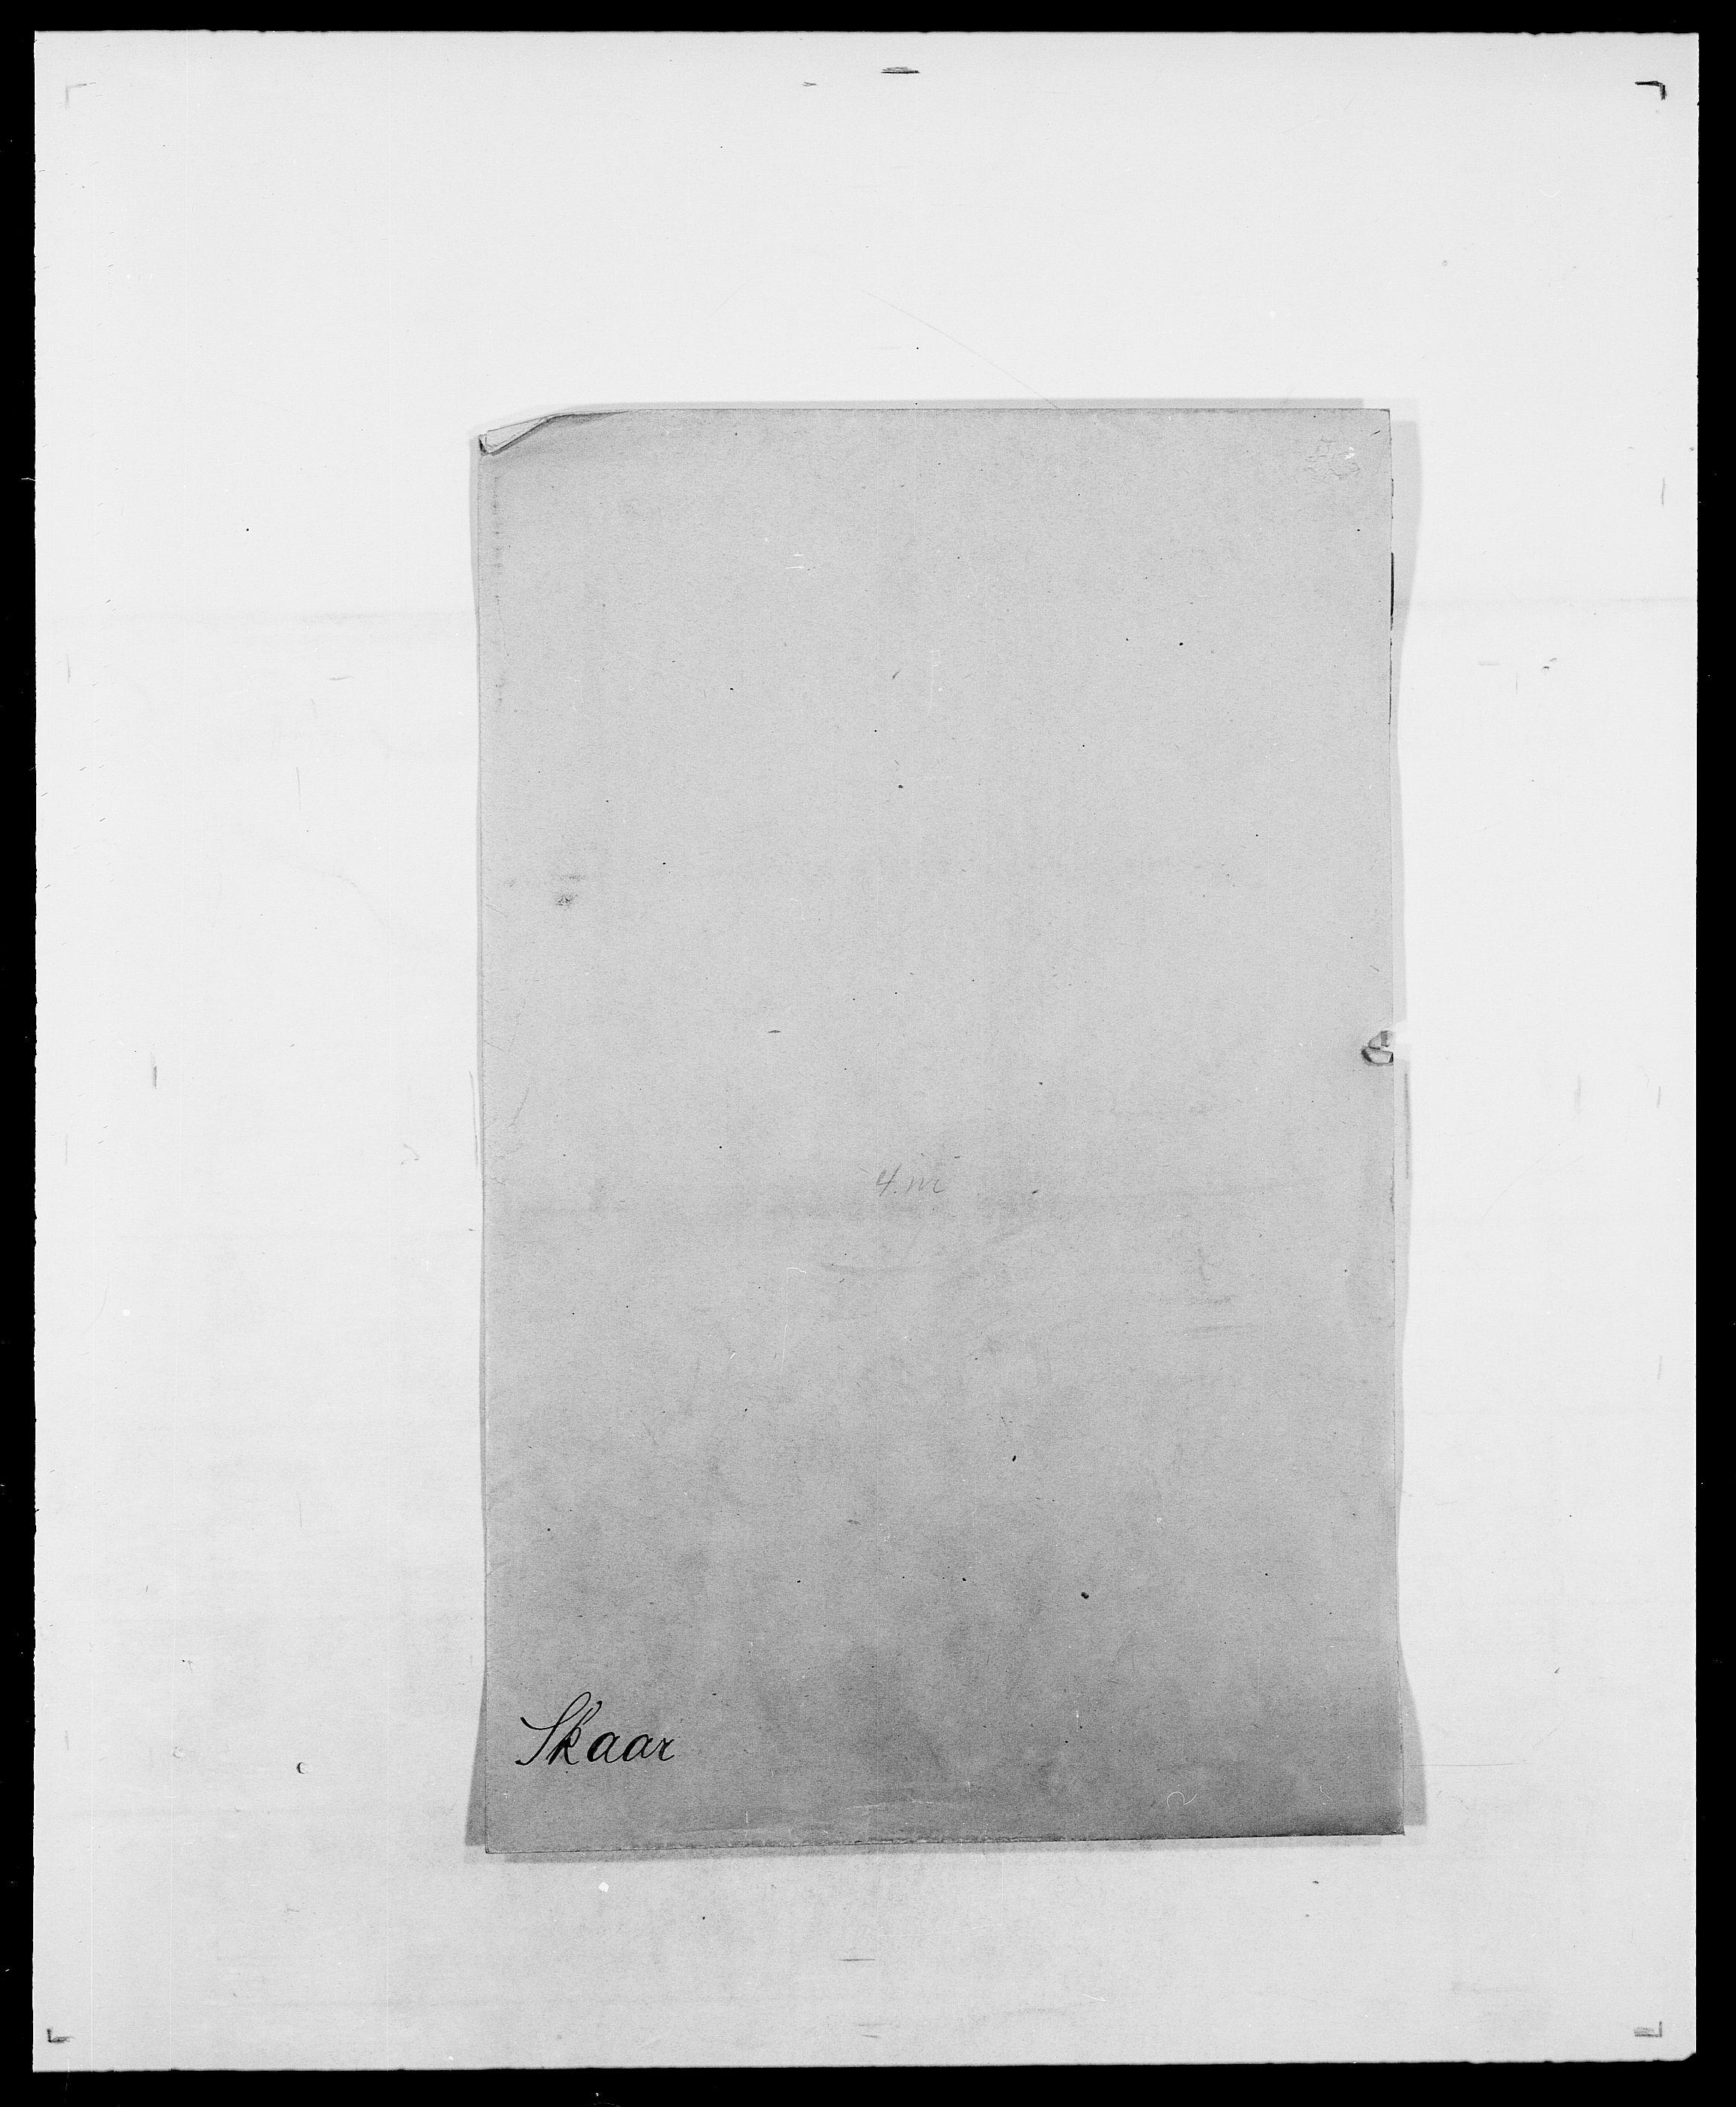 SAO, Delgobe, Charles Antoine - samling, D/Da/L0036: Skaanør - Staverskov, s. 3